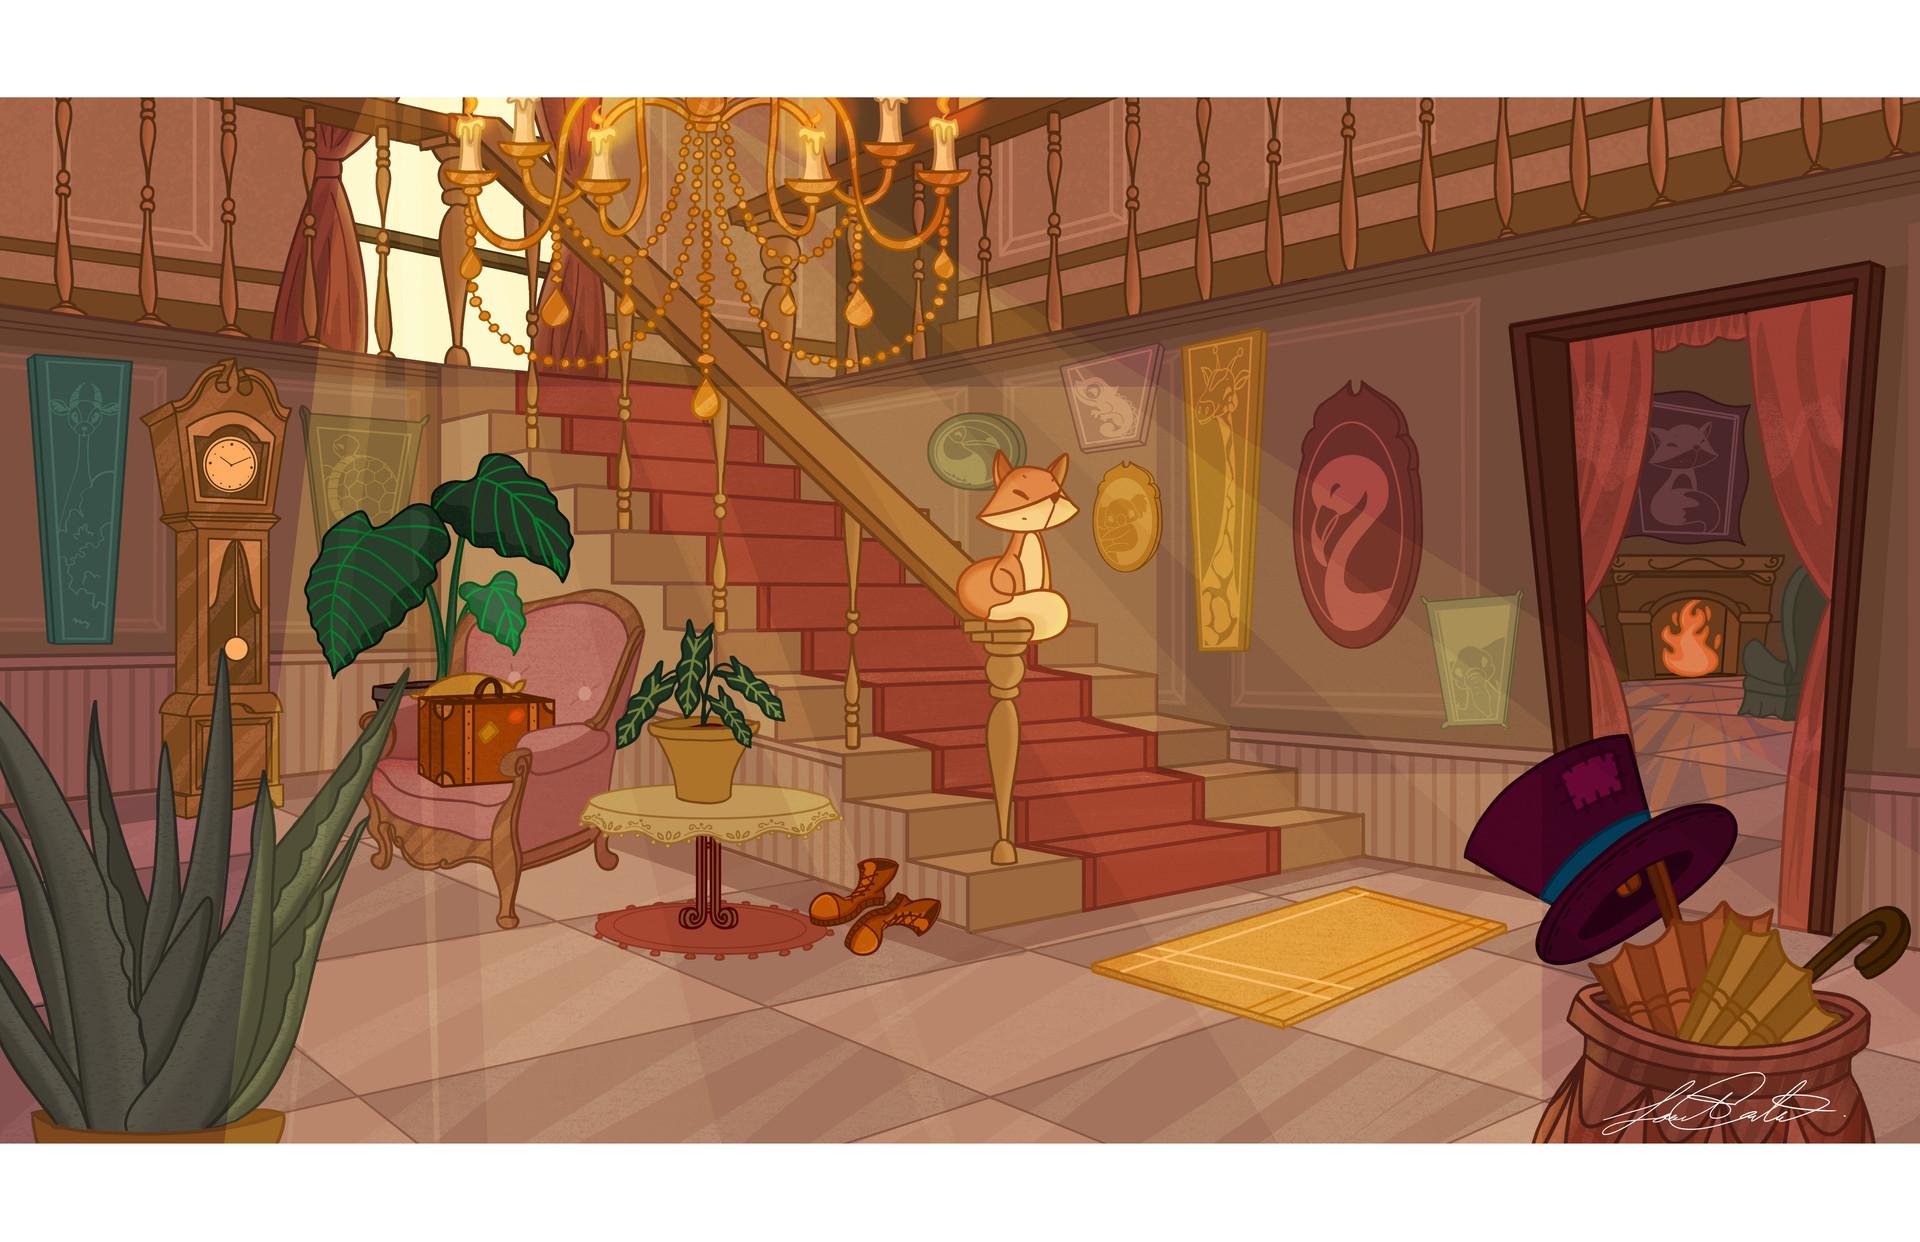 livind room stairs_color.jpg